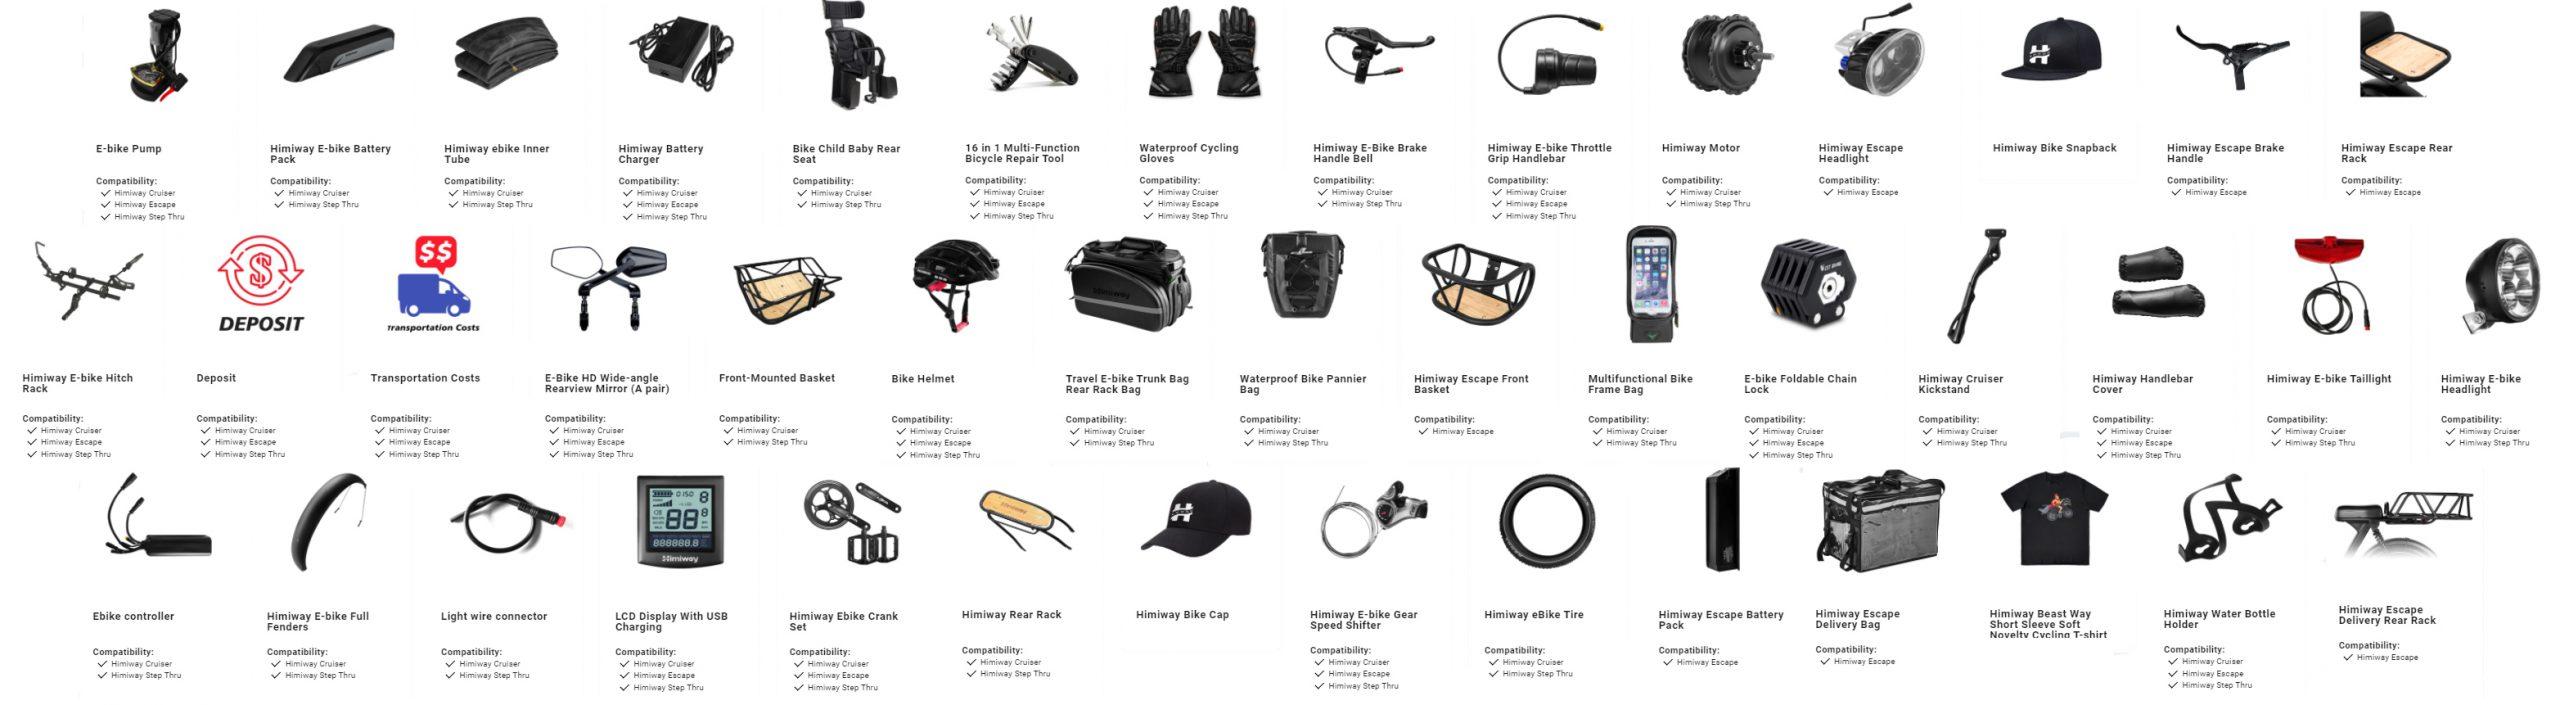 radmini accessories